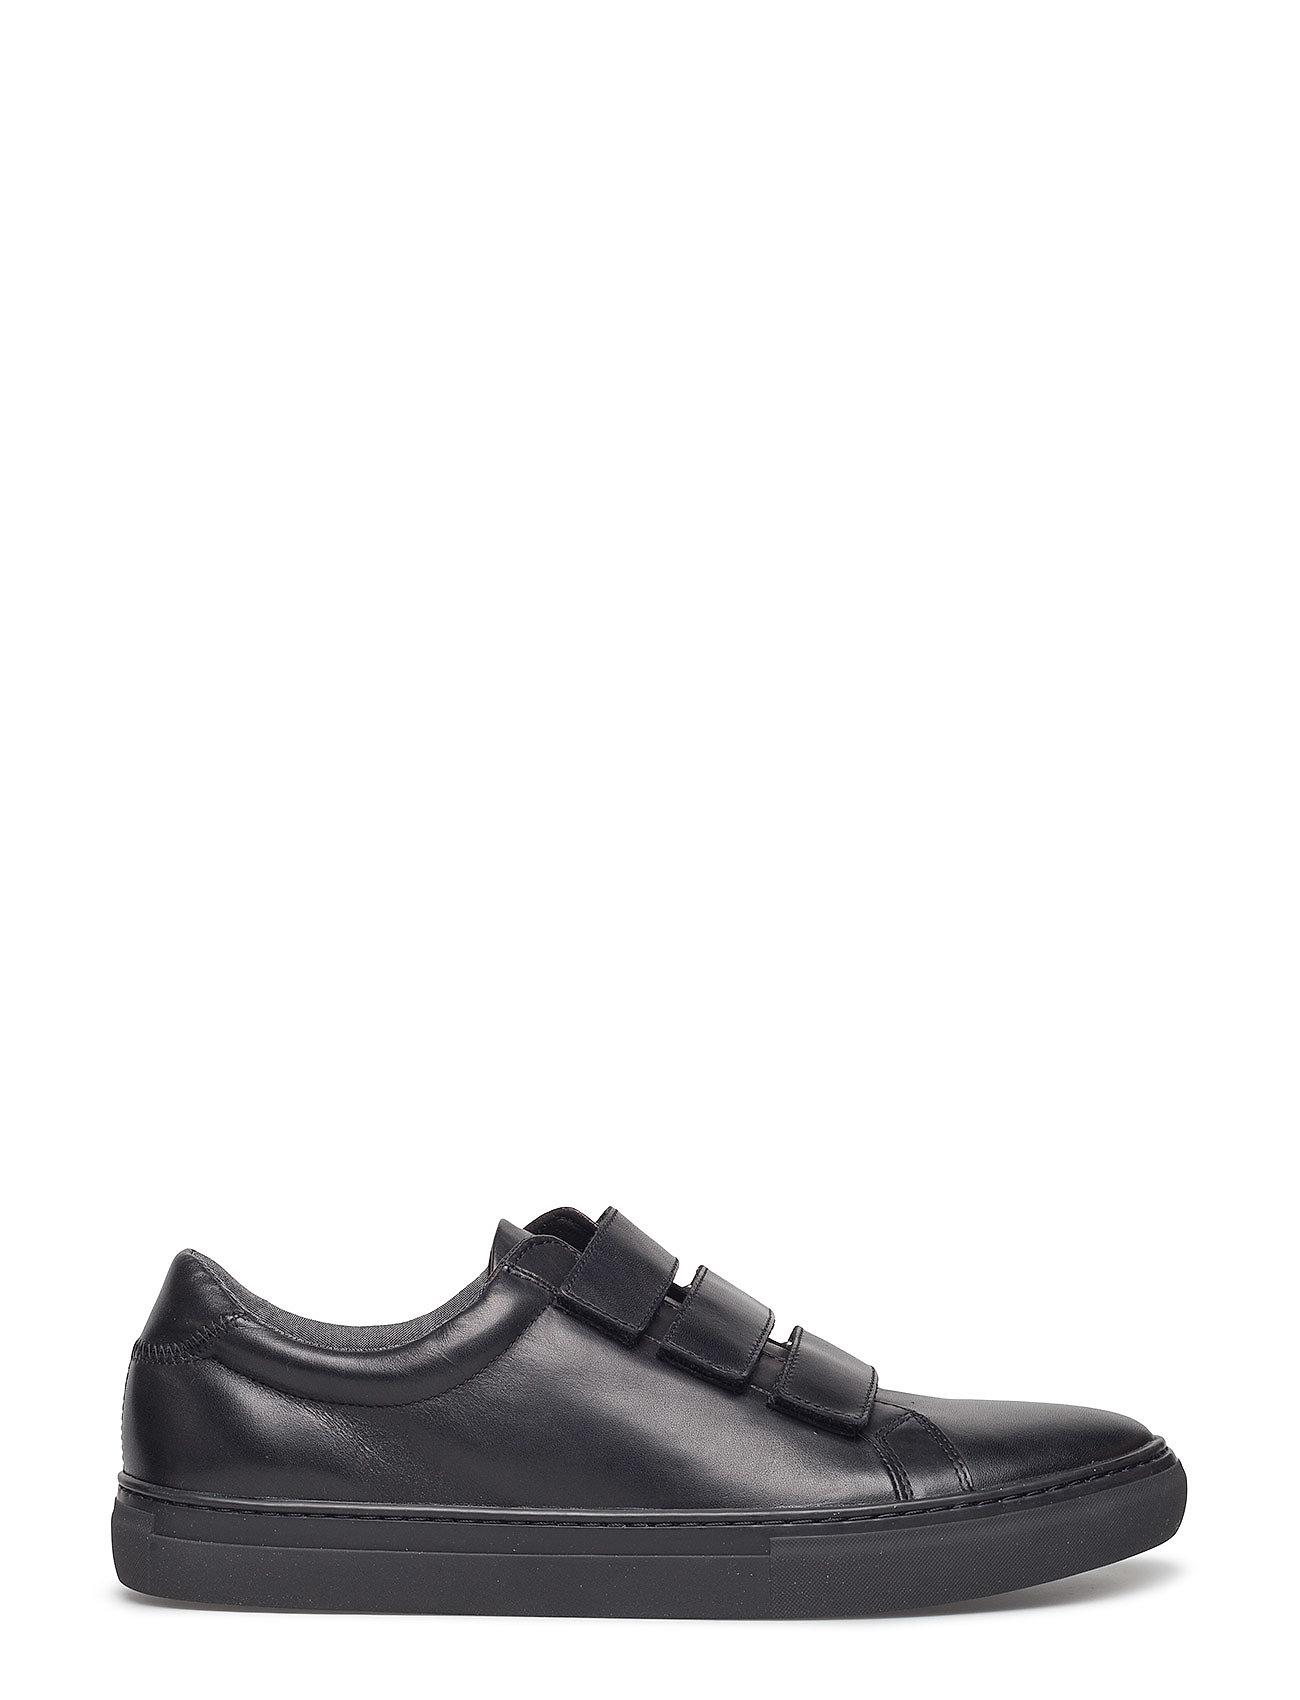 Image of Paul Low-top Sneakers Sort VAGABOND (3528652515)